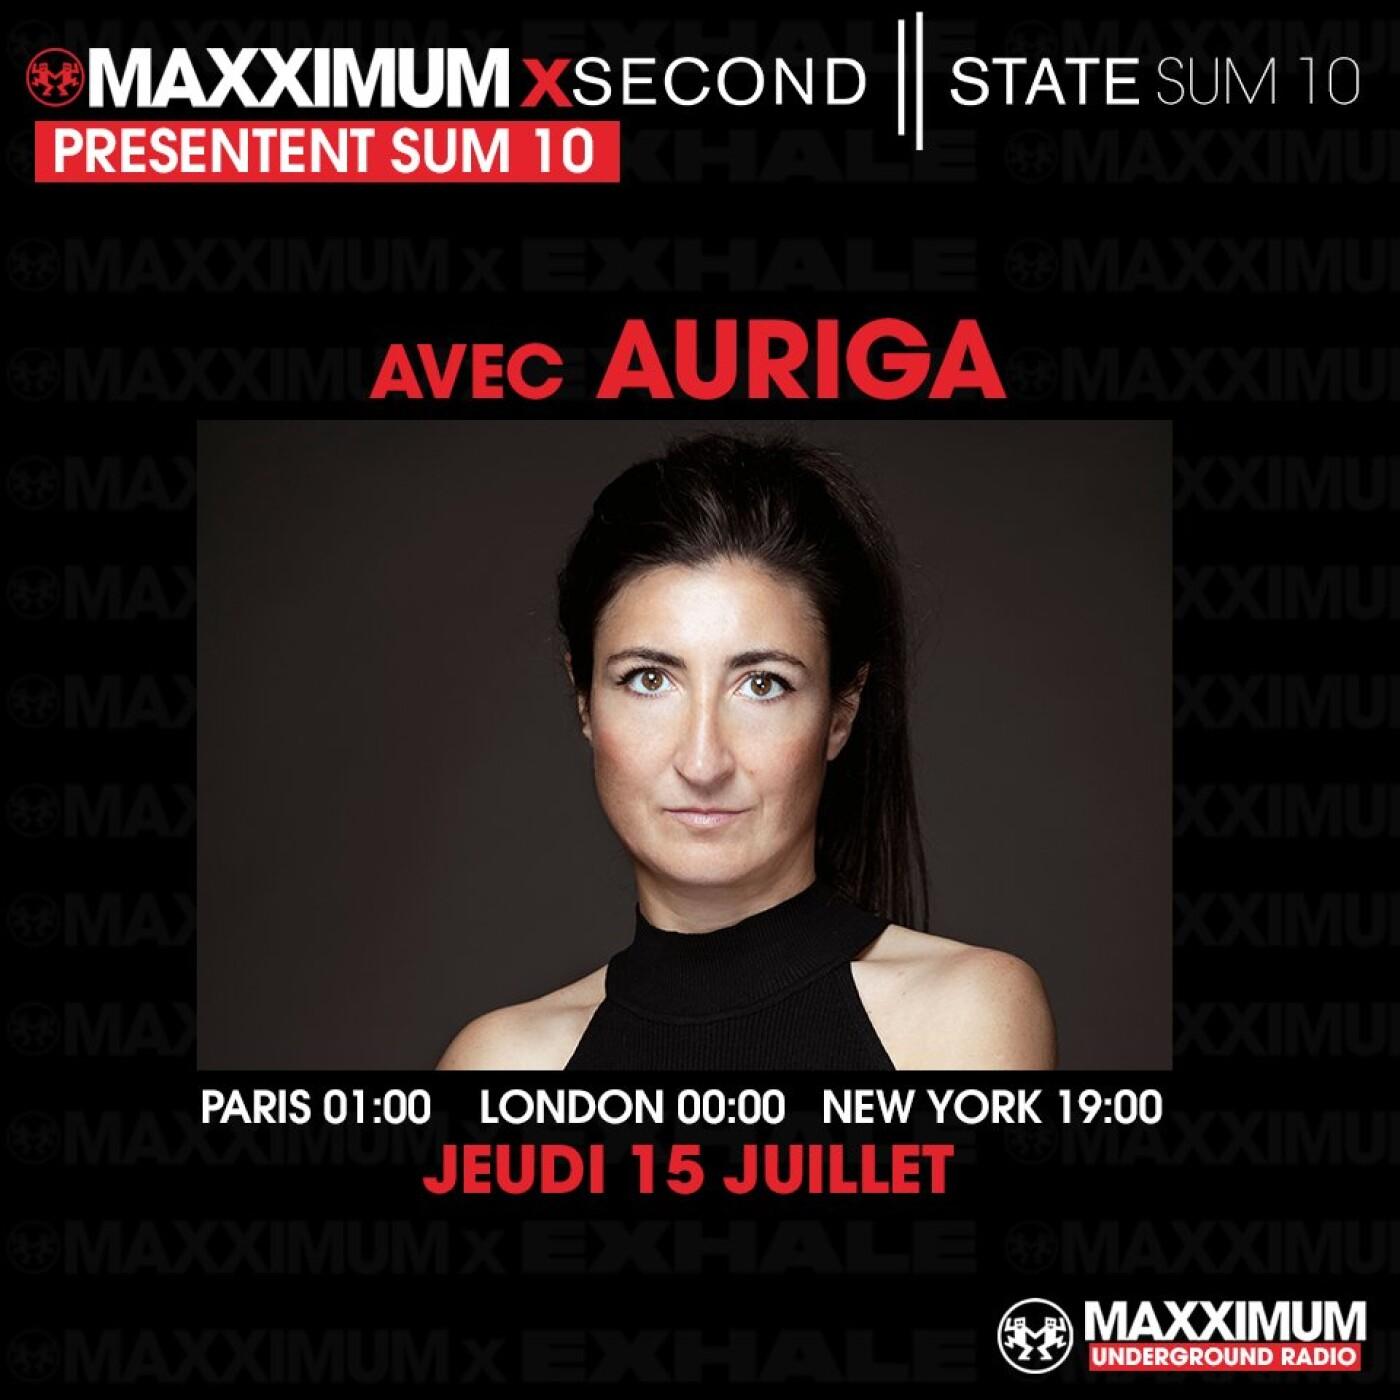 MAXXIMUM INVITE SECOND STATE : AURIGA